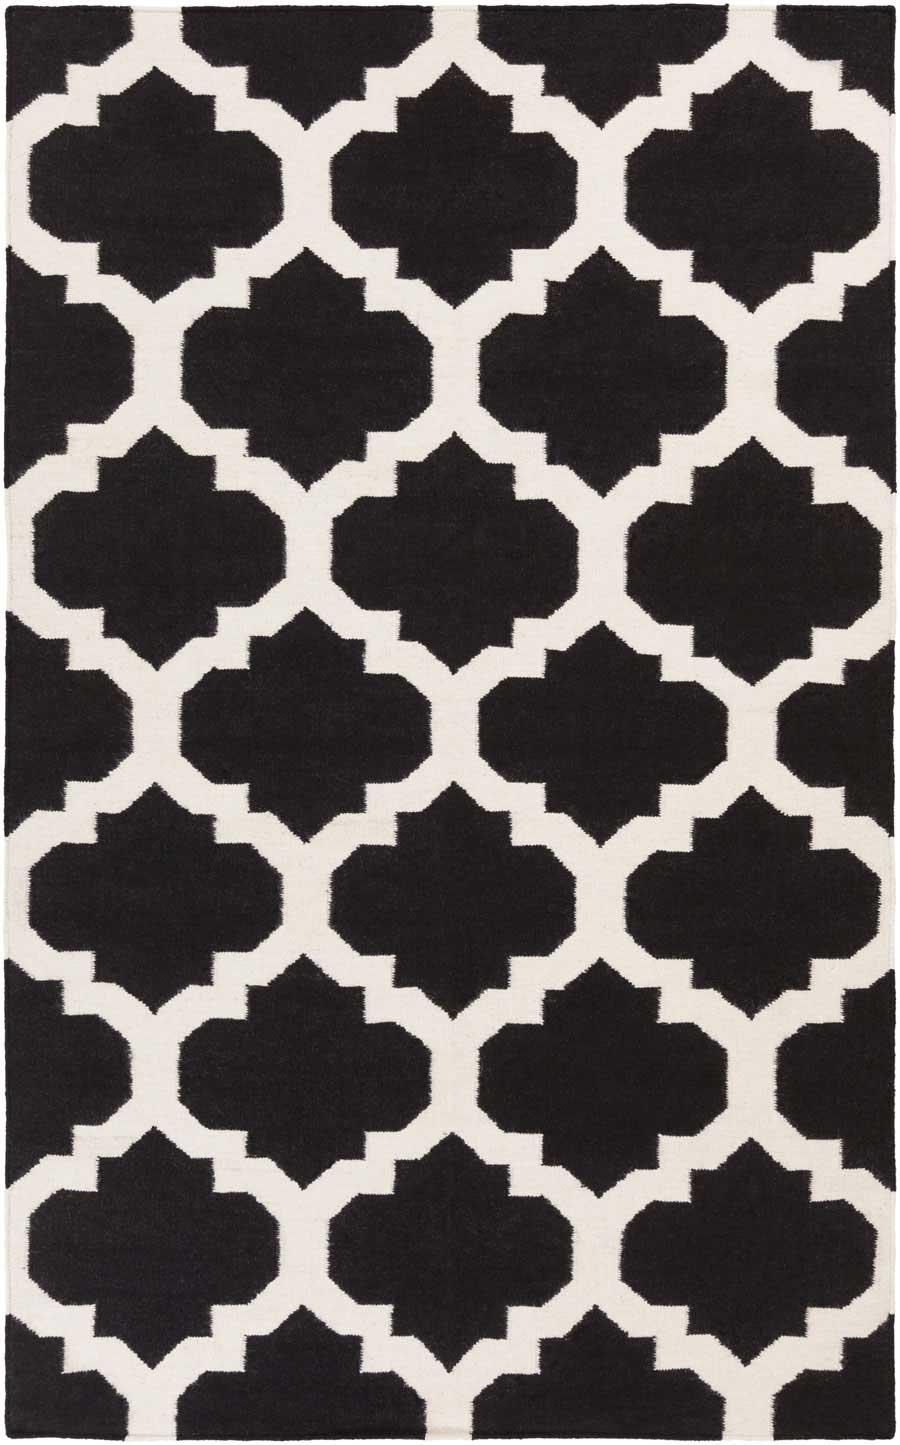 Minimalist living room style. Carpet clipart area rug